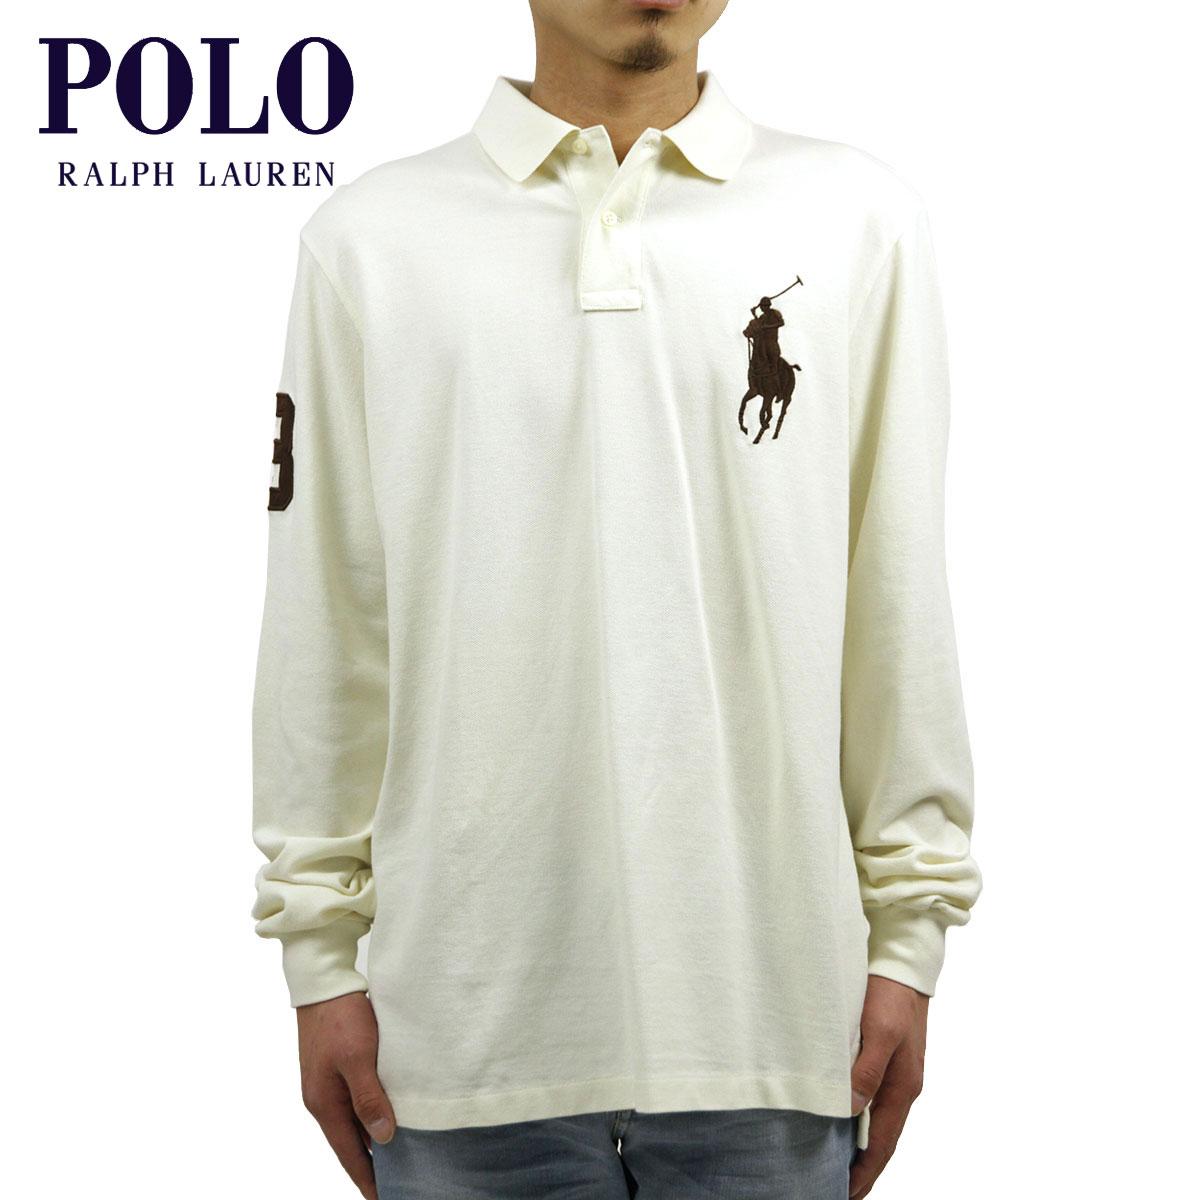 【販売期間 3/2 19:00~3/8 9:59】 ポロ ラルフローレン POLO RALPH LAUREN 正規品 メンズ ポロシャツ Slim-Fit Long-Sleeved Big Pony